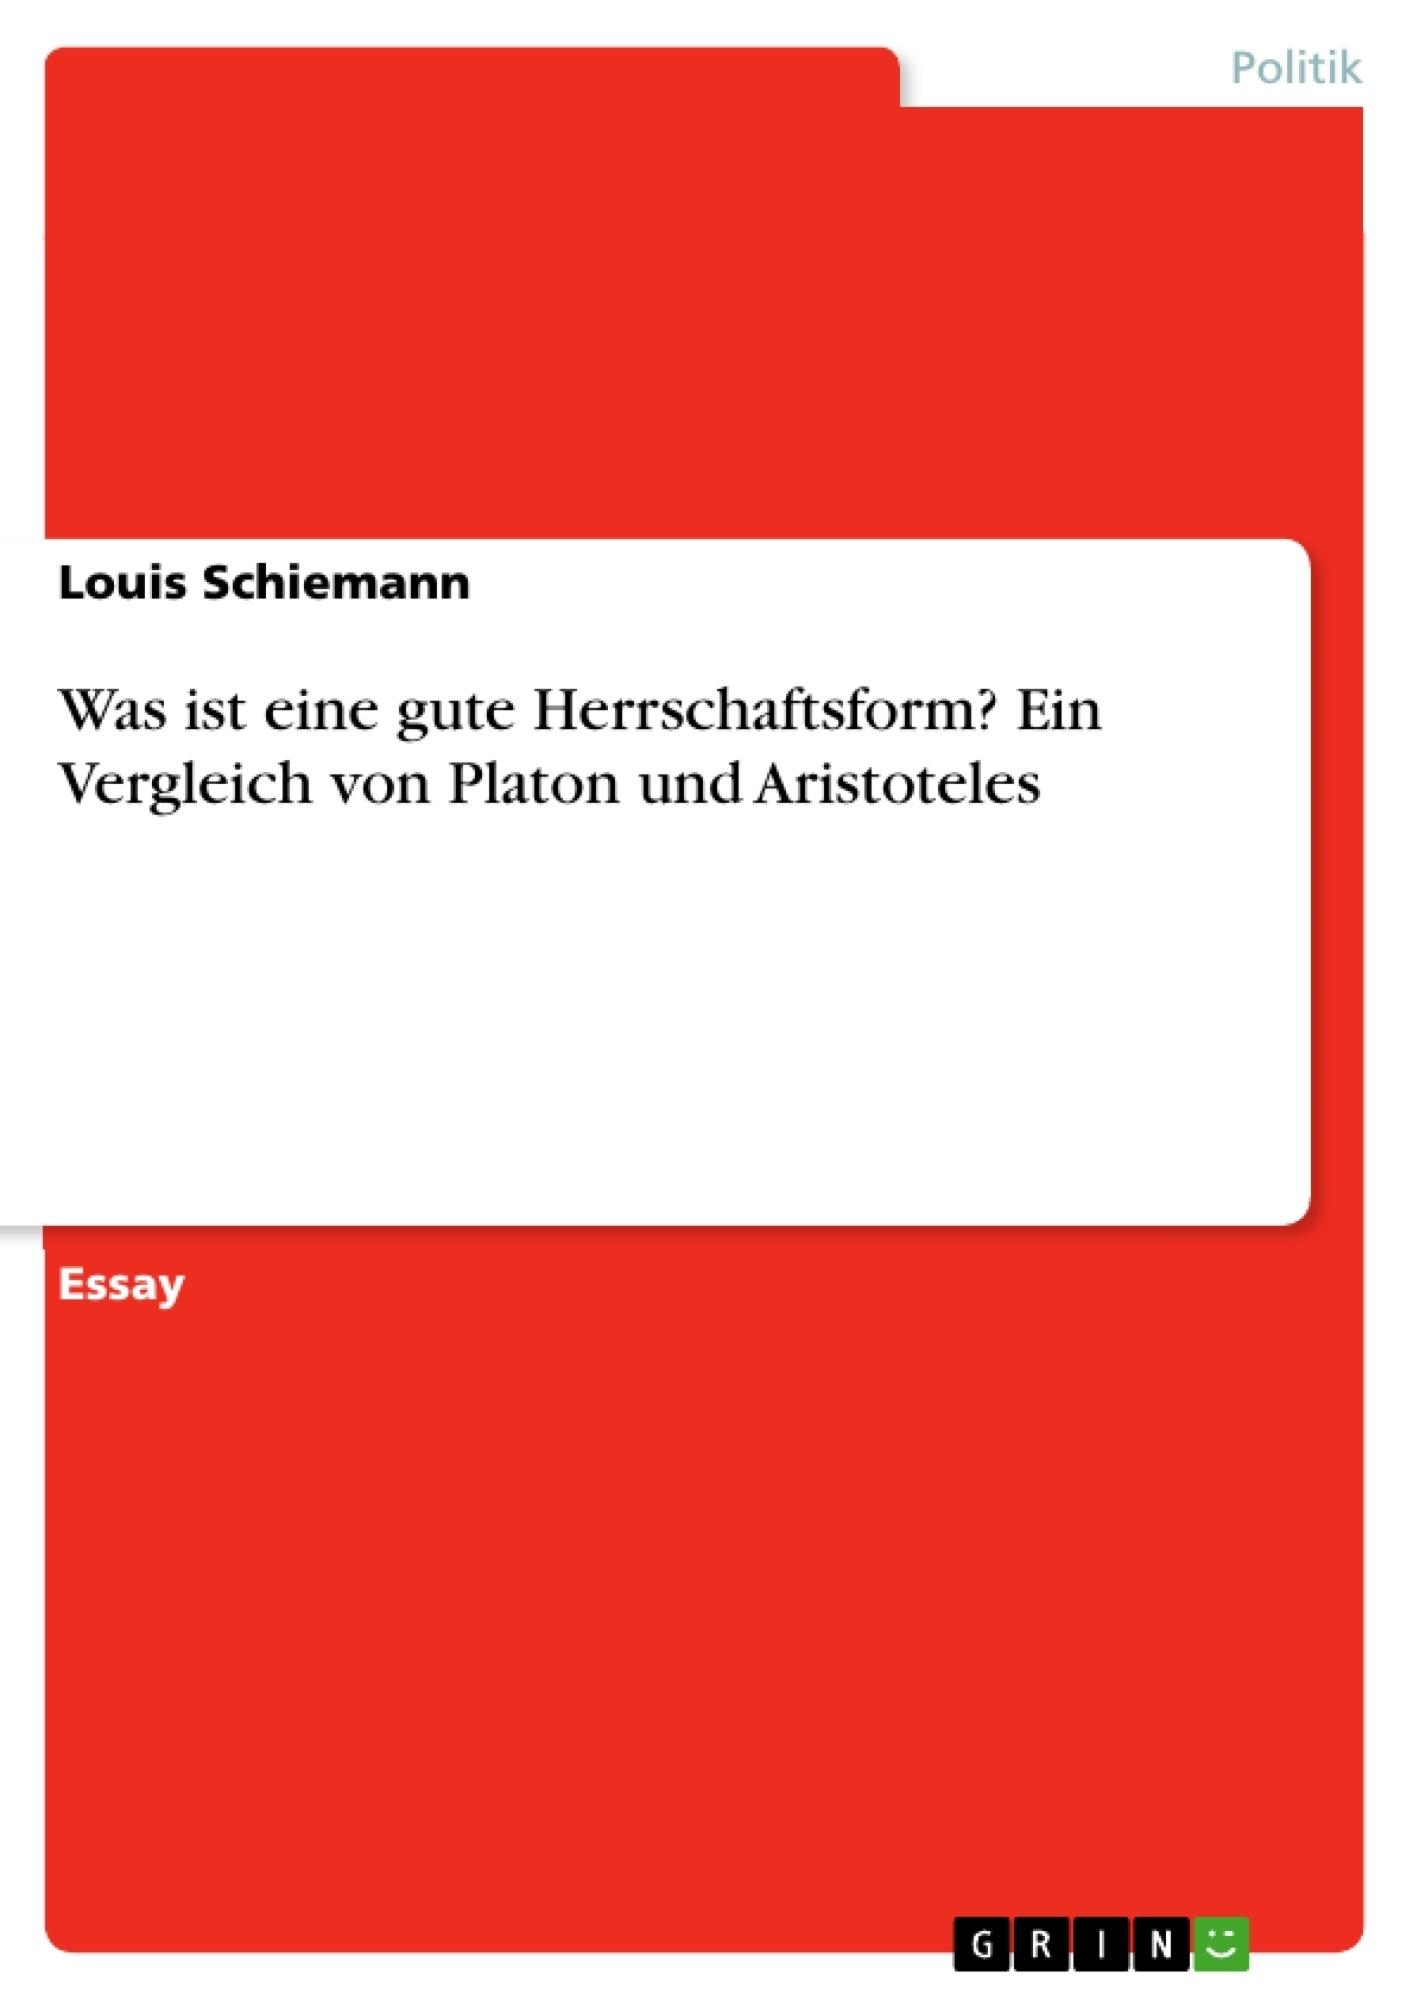 Titel: Was ist eine gute Herrschaftsform? Ein Vergleich von Platon und Aristoteles